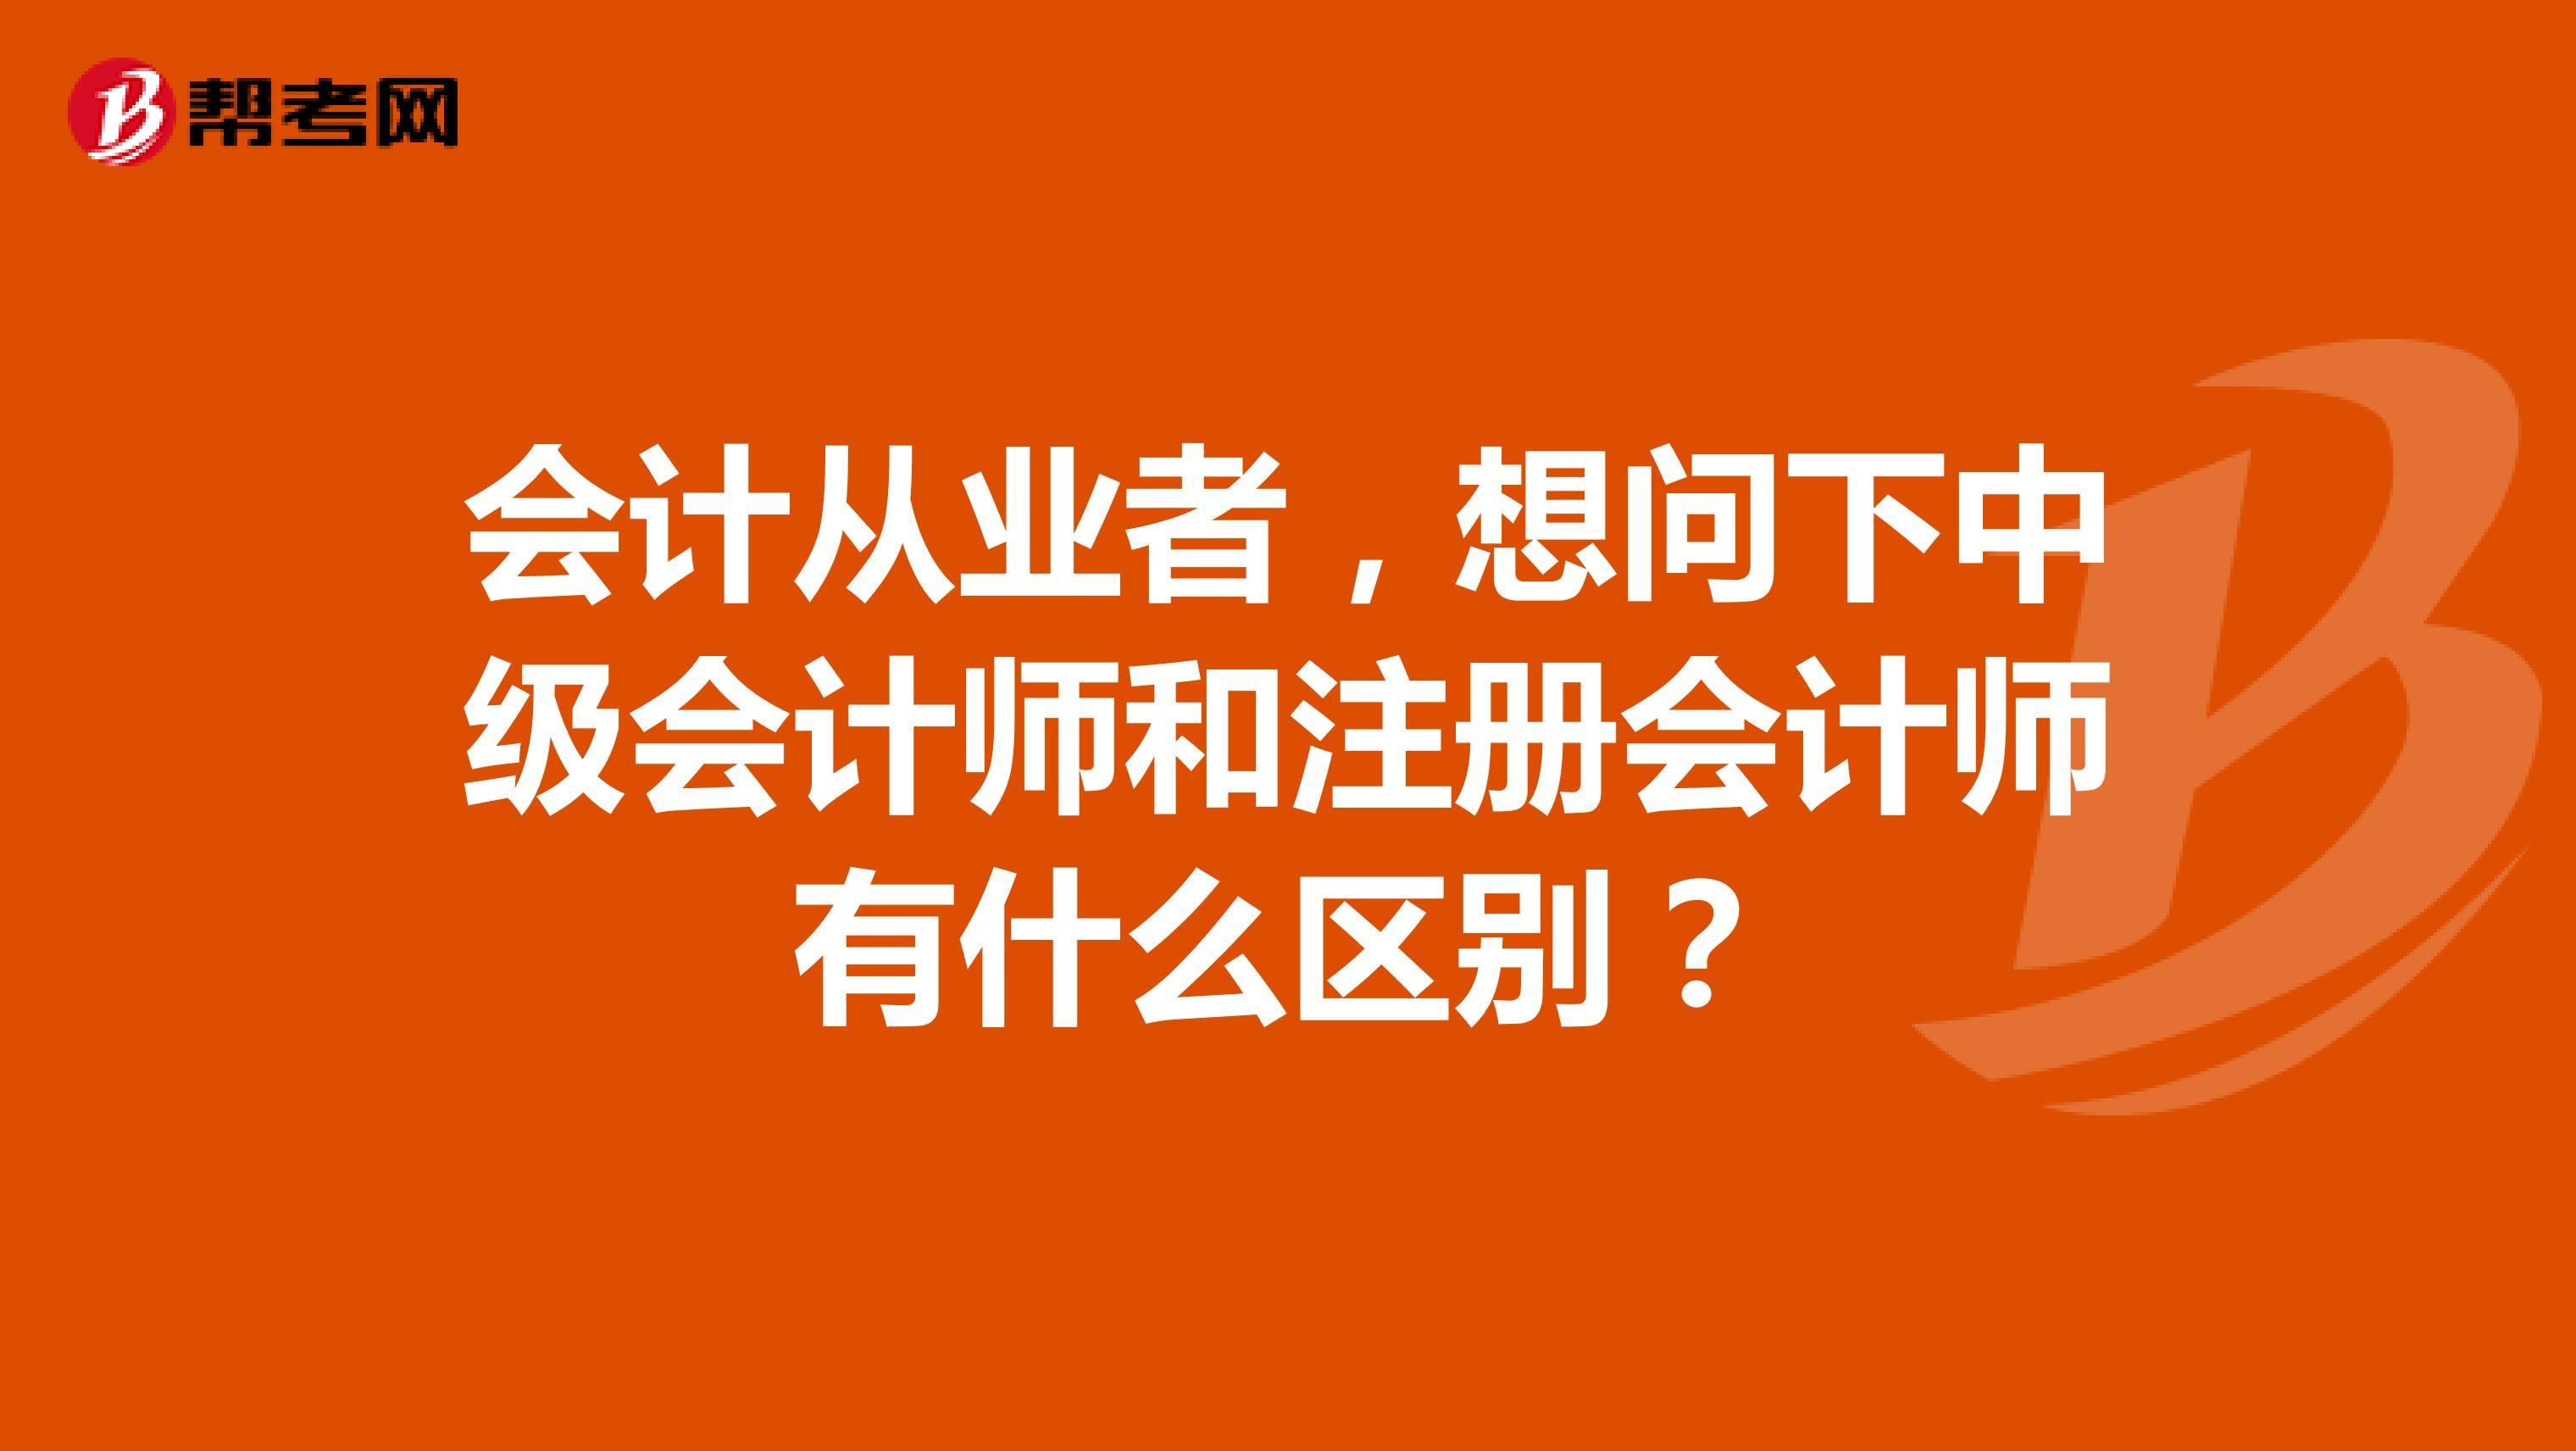 会计从业者,想问下中级会计师和注册会计师有什么区别?